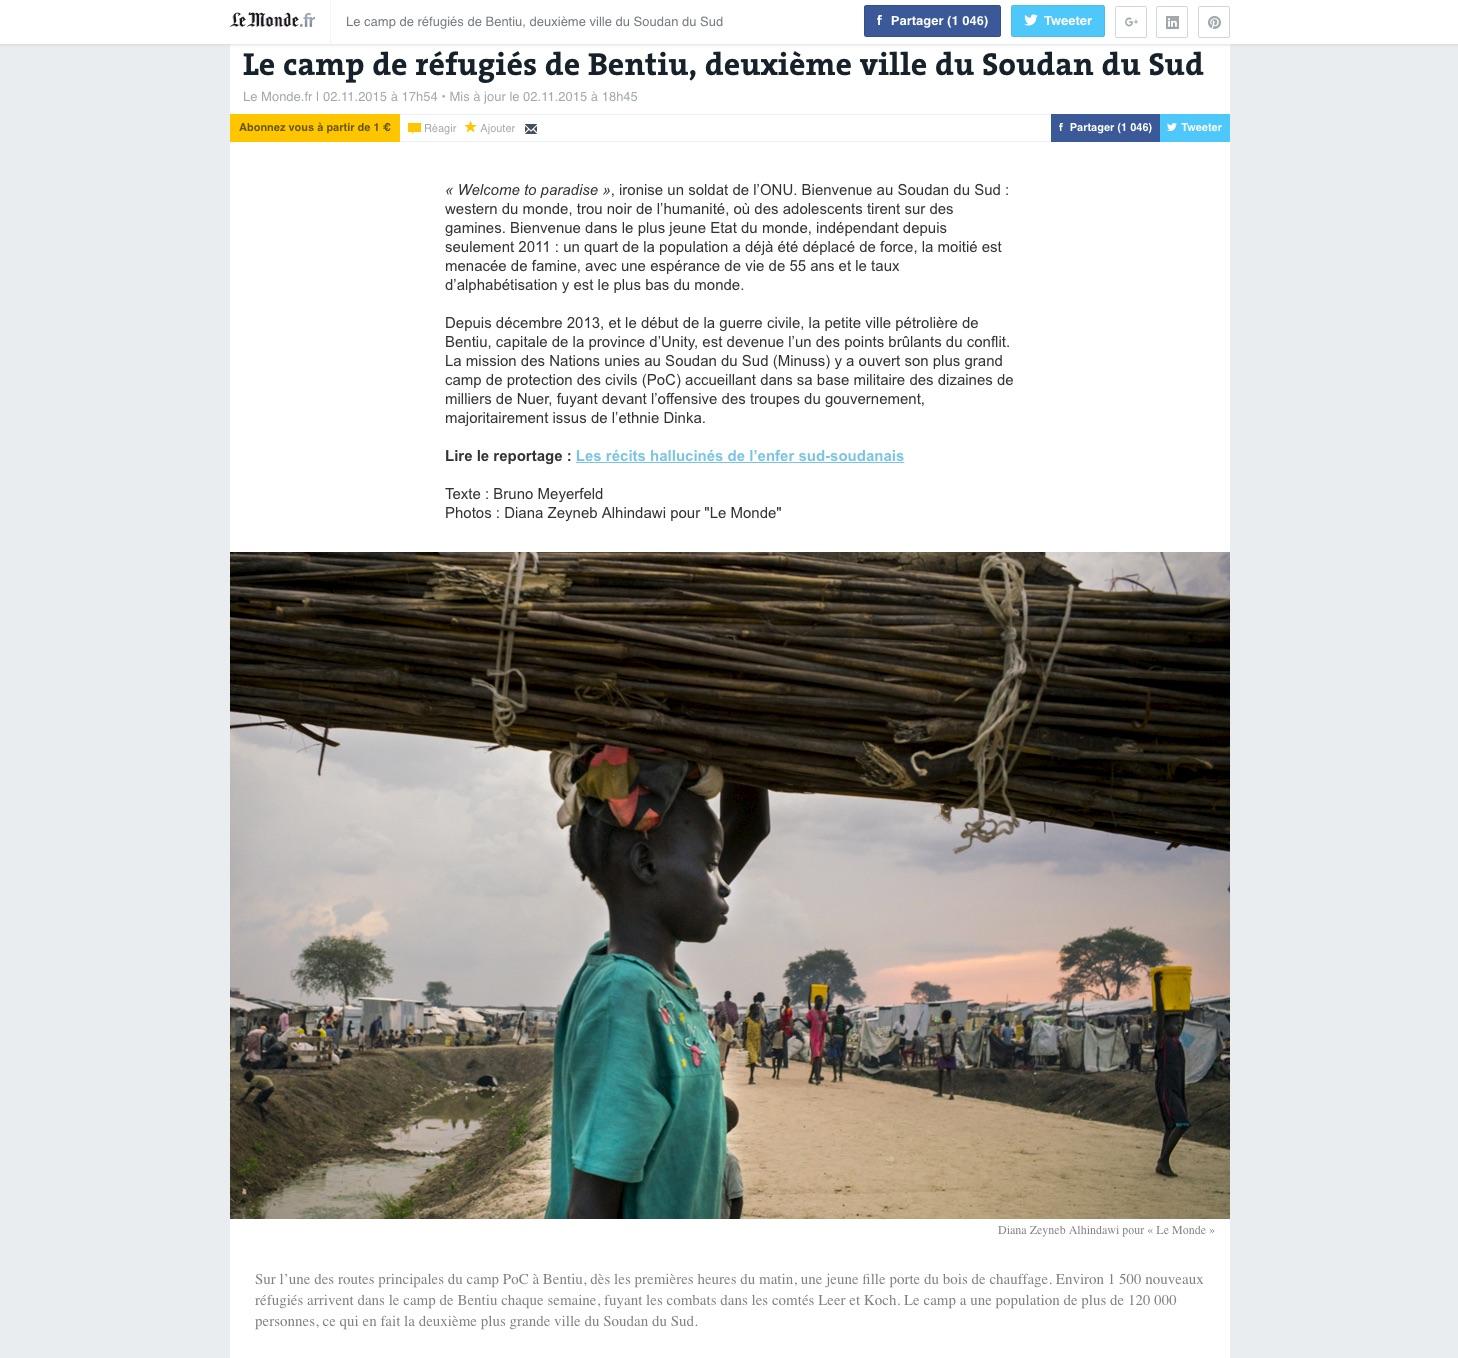 CLICK on title below to link to full article with photo essay     Le camp de réfugiés de Bentiu, deuxième ville du Soudan du Sud  (The refugee camp of Bentiu, South Sudan's second largest city) | LeMonde.fr Photo, Nov 2, 2015